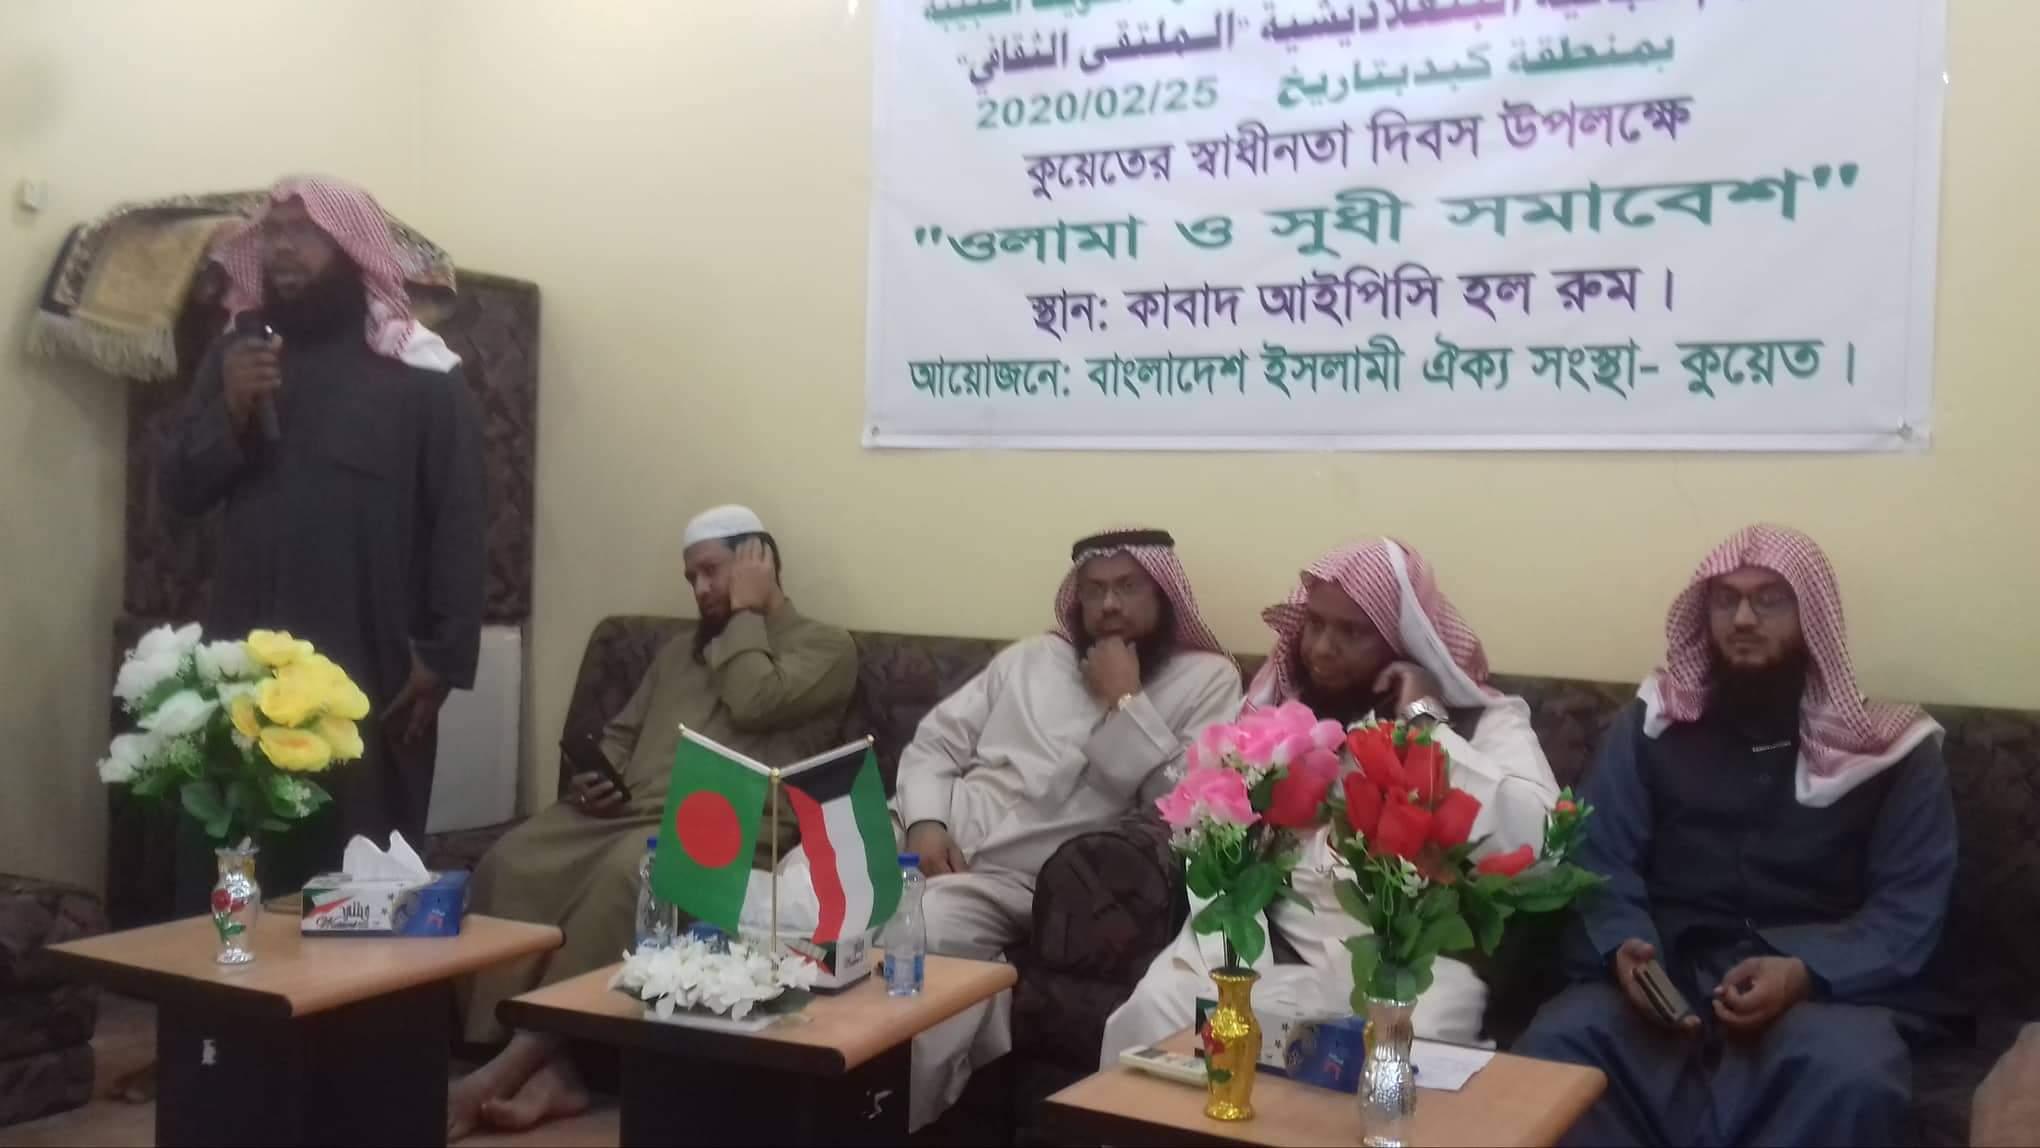 কুয়েতে ইসলামী ঐক্য সংস্থার উলামা ও সুধী সমাবেশ অনুষ্ঠিত